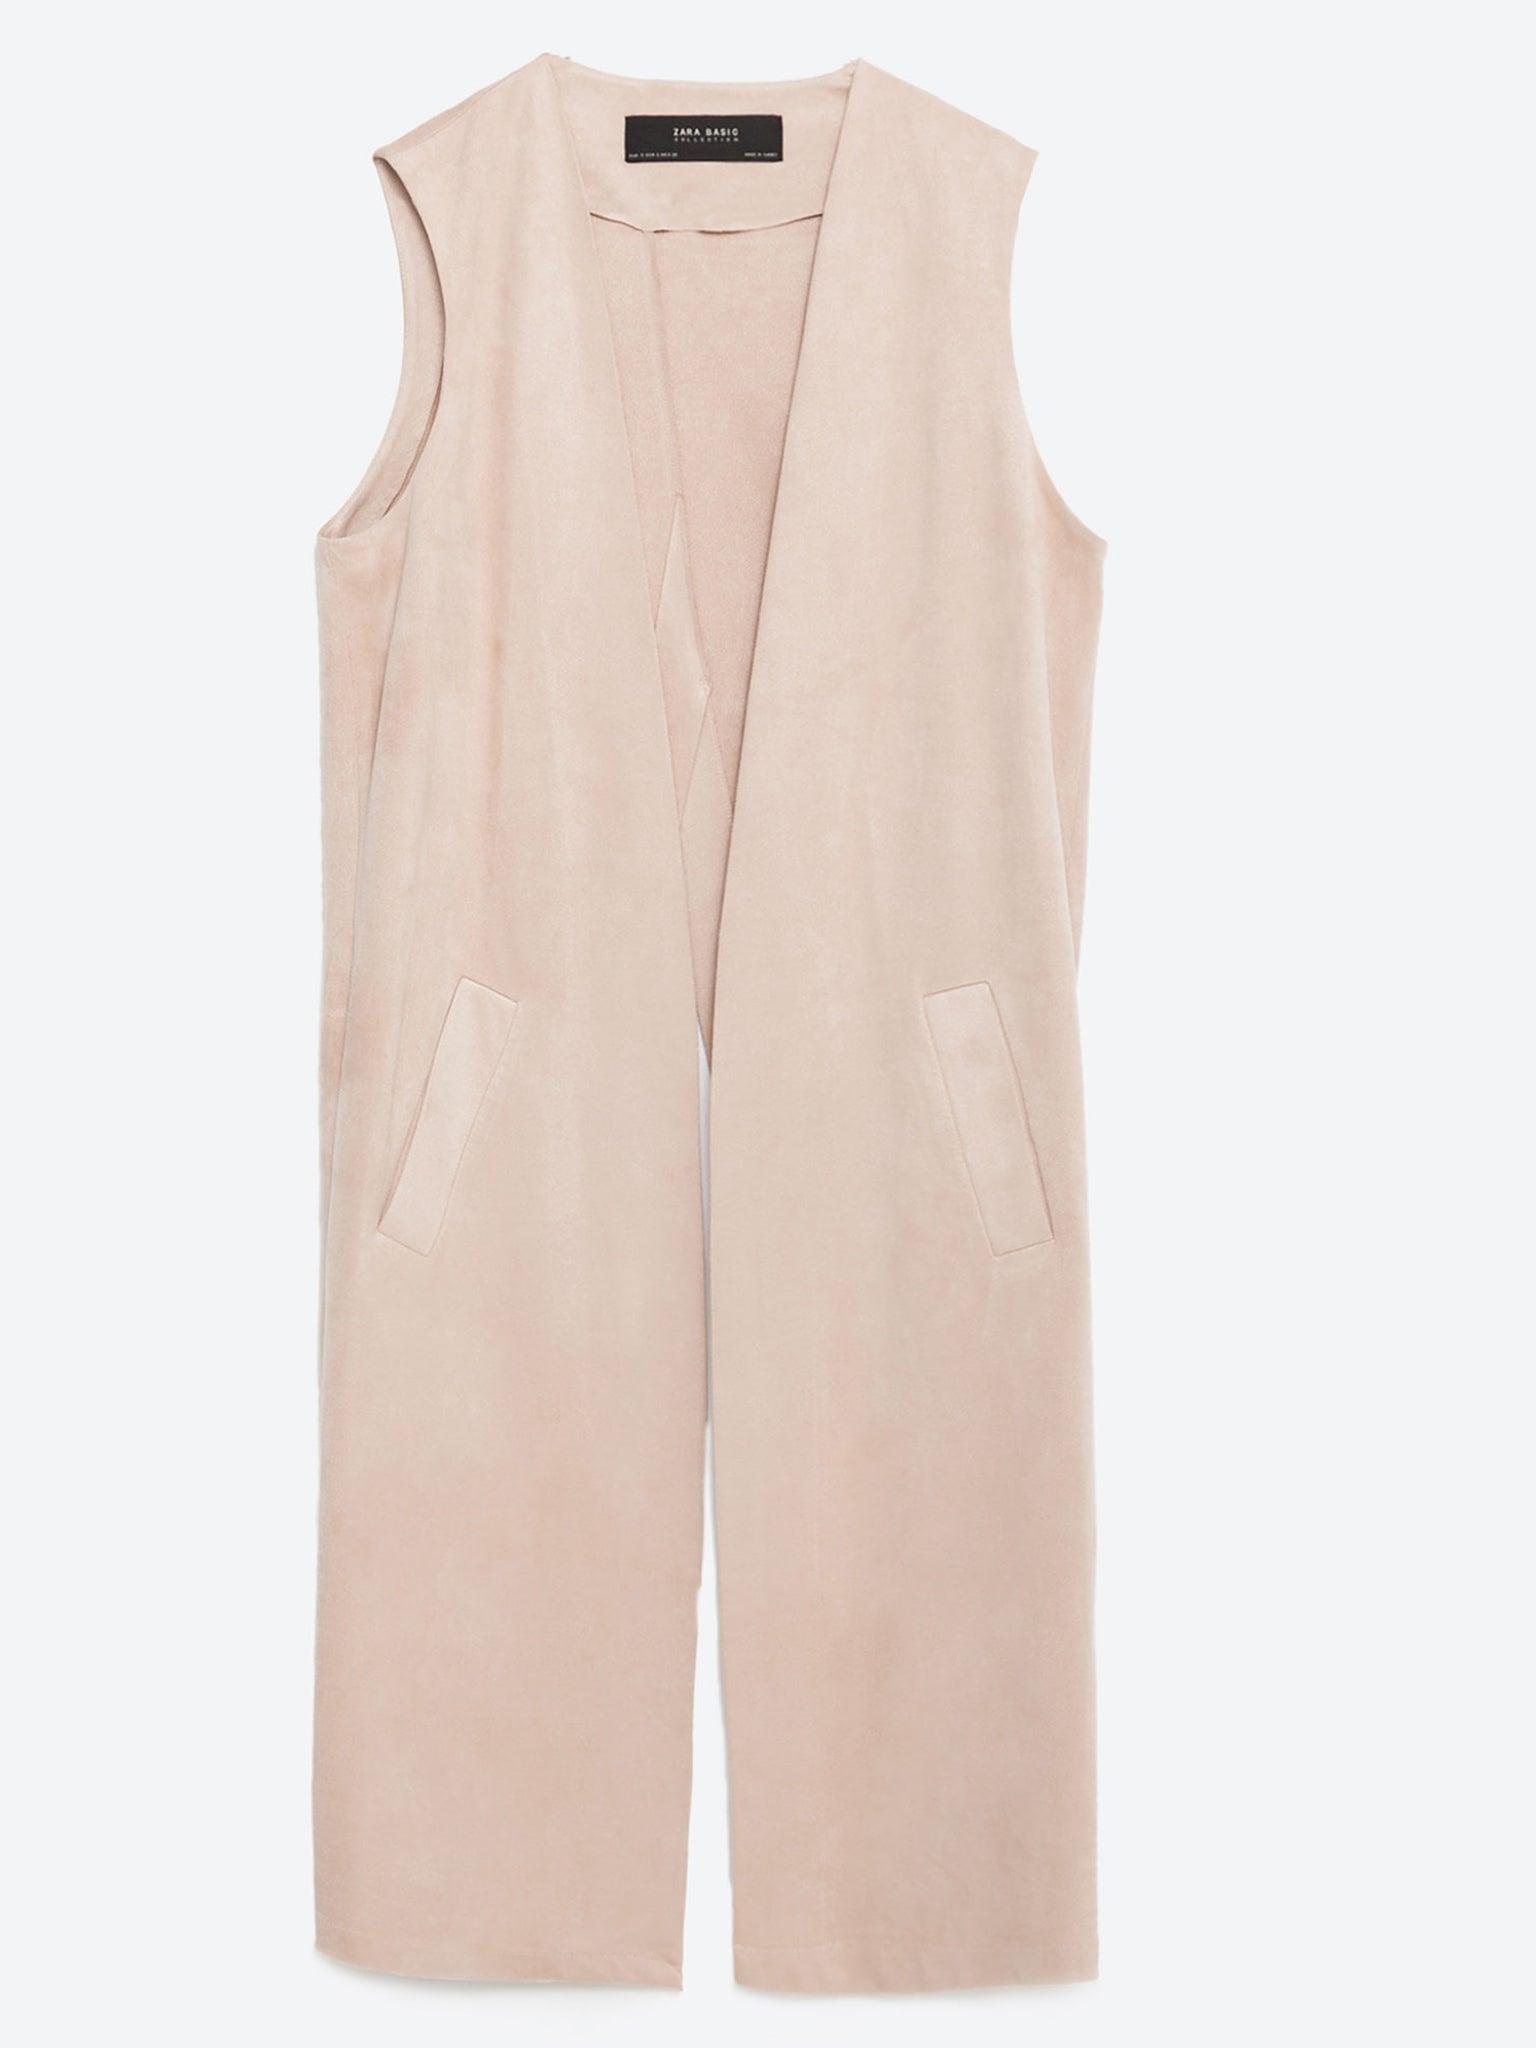 1e07b3a102b948 10 best sleeveless jackets